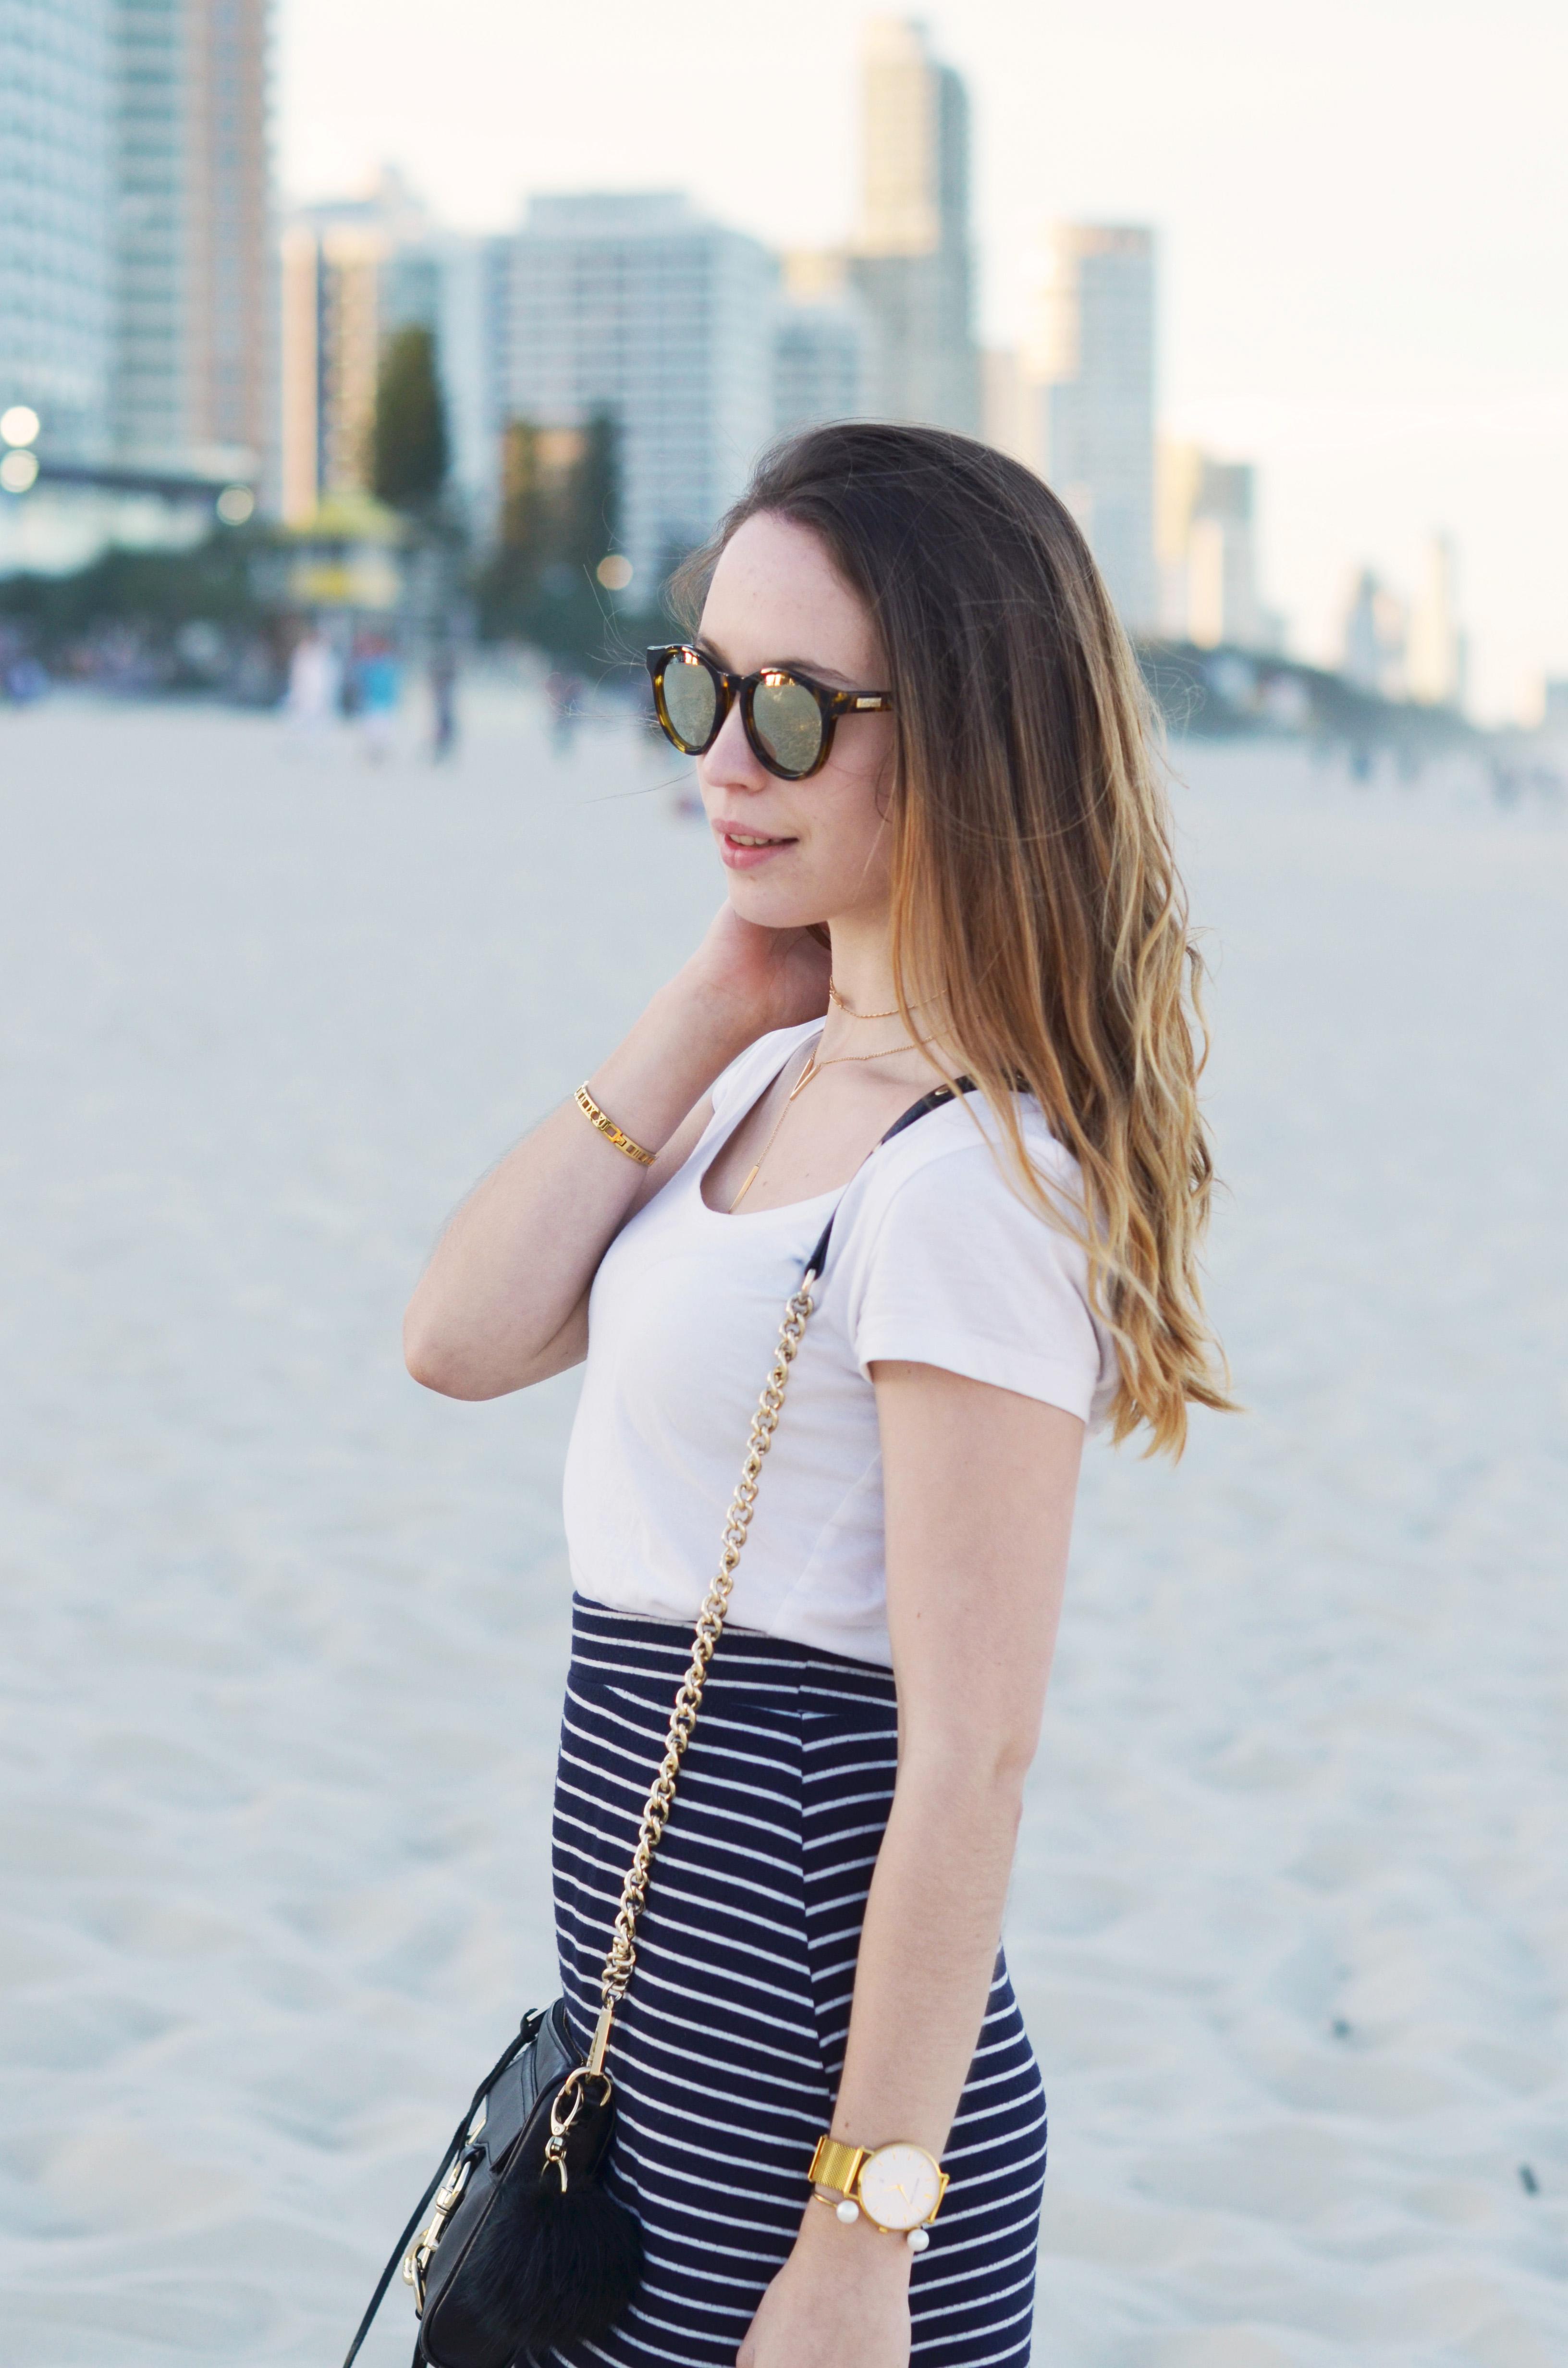 langer-streifenrock-von-zara-mit-weißem-shirt-und-rebecca-minkoff-tasche